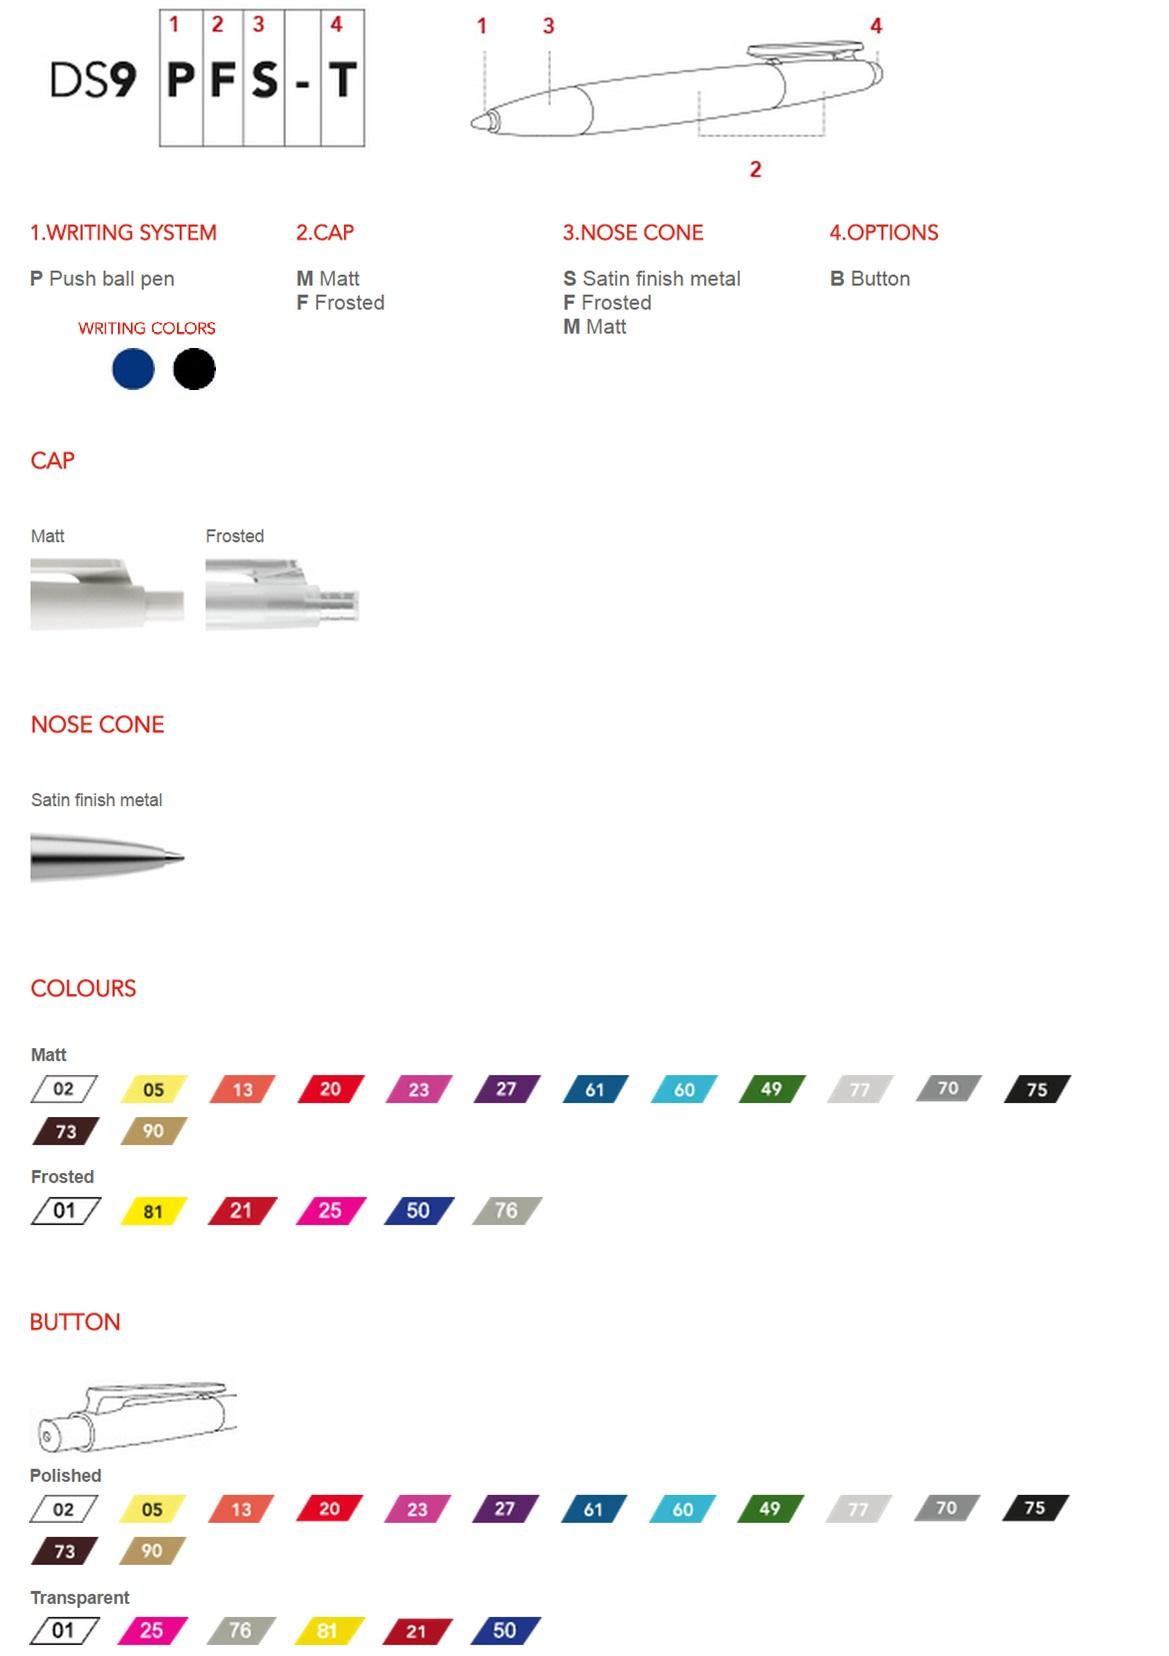 Prodir DS9 pennen personaliseren. Het overzicht met personalisatie mogelijkheden geeft een goed beeld om uw gepersonaliseerde Prodir DS9 balpen samen te stellen. Laat uw DS9 pen ontwerpen door BINQ Promotions! Snel goedkoop en gratis sample en bezorging